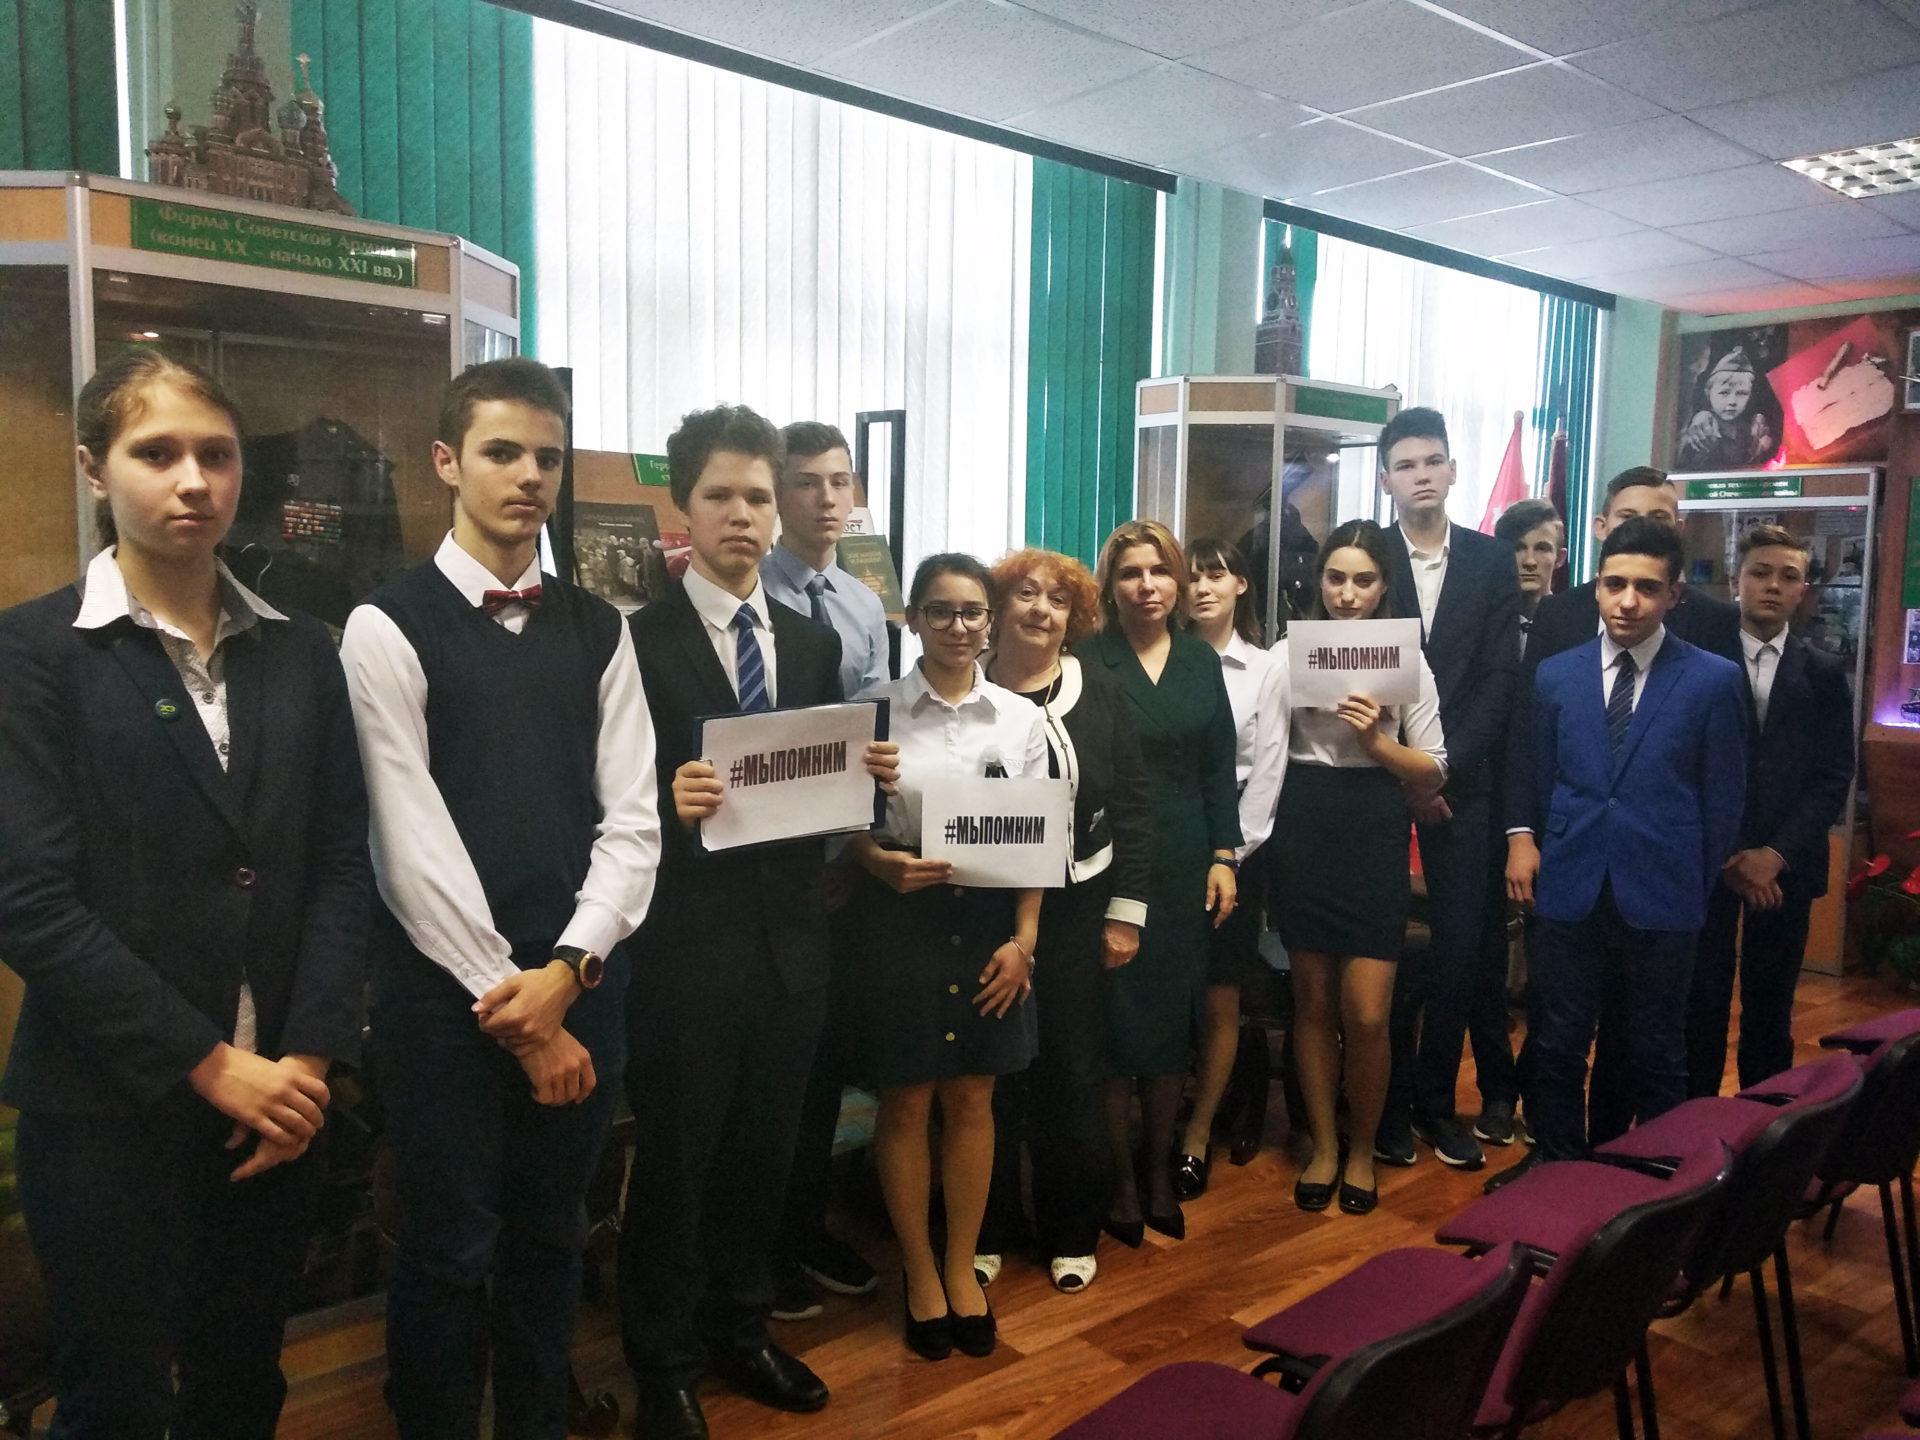 Международный День памяти жертв Холокоста в школе Подмосковья